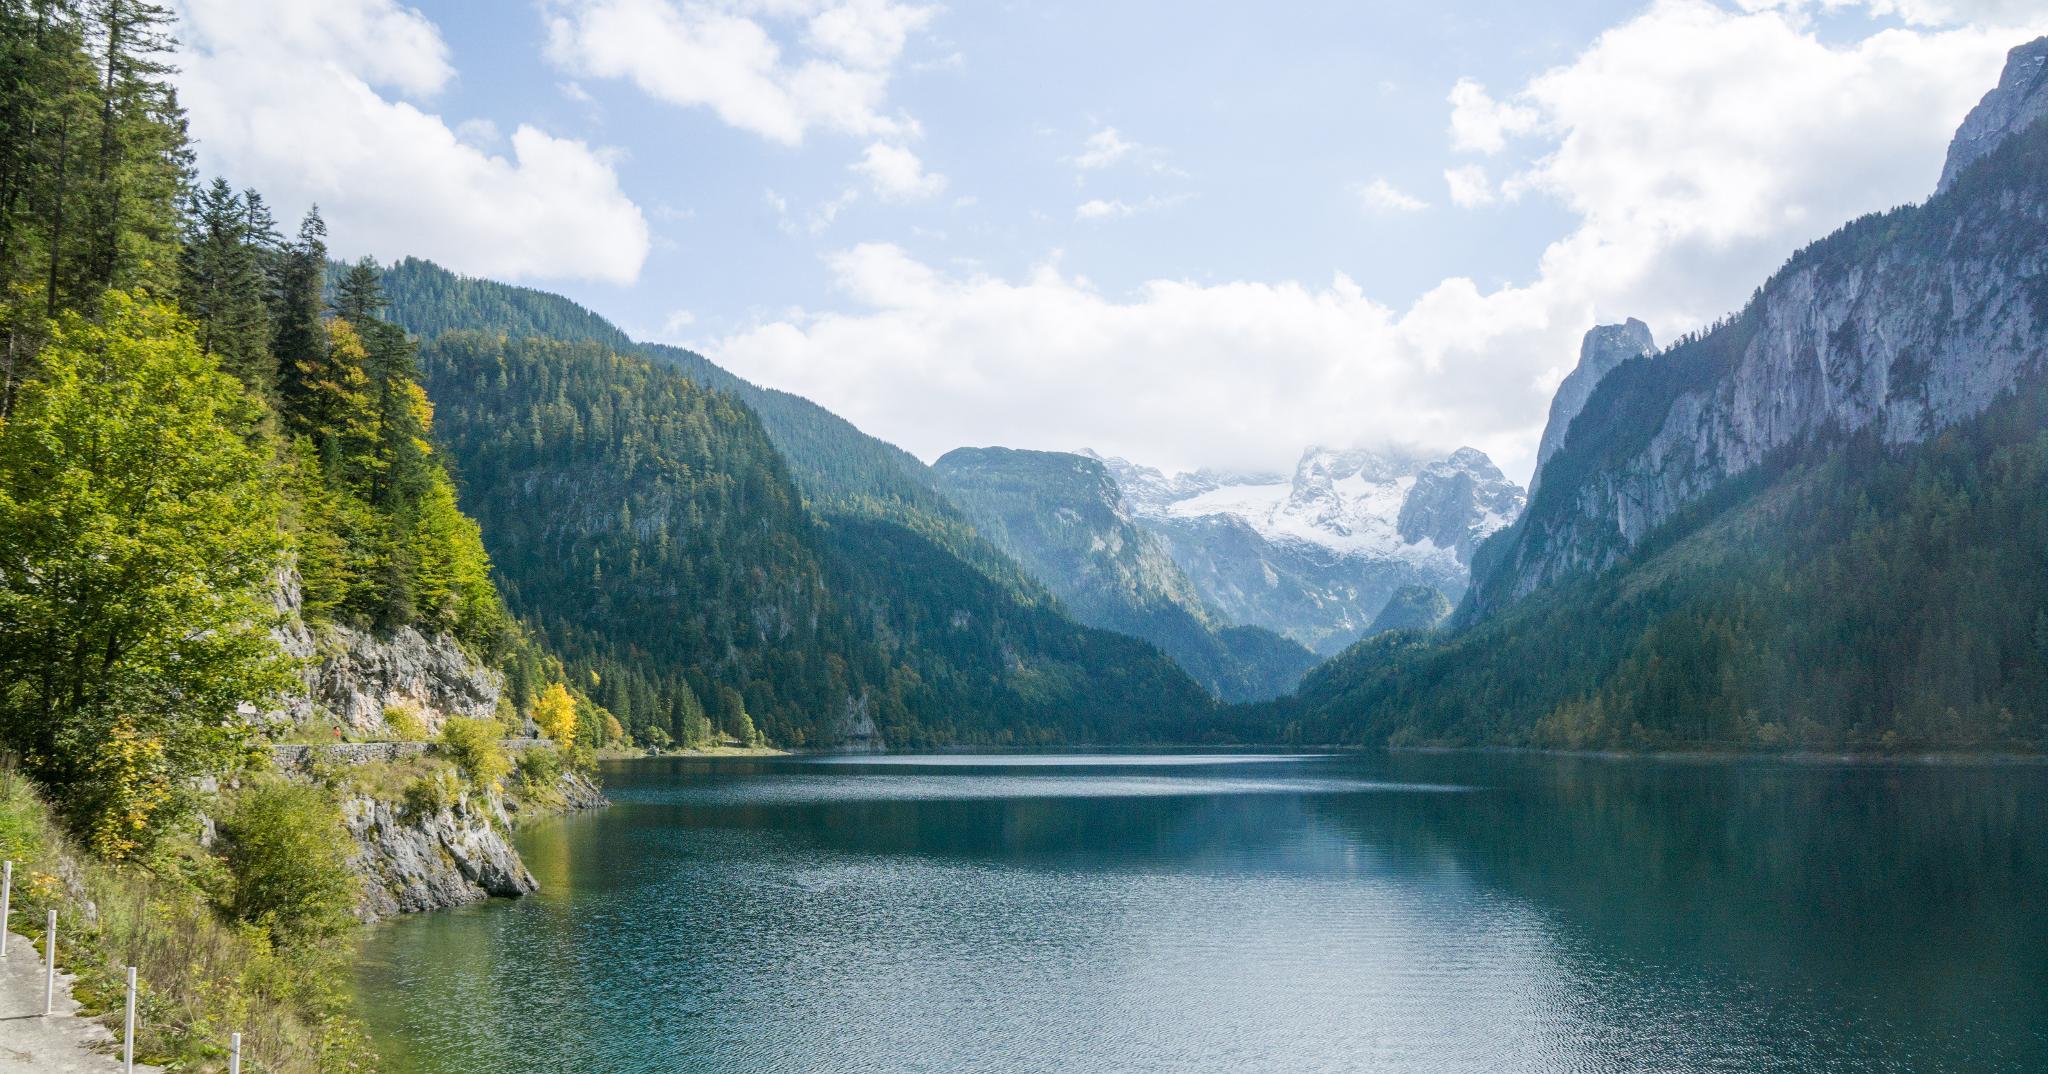 【奧地利】遠離塵囂!哈修塔特周邊的絕美湖泊 — 高薩湖 Gosausee 湖濱散記 10